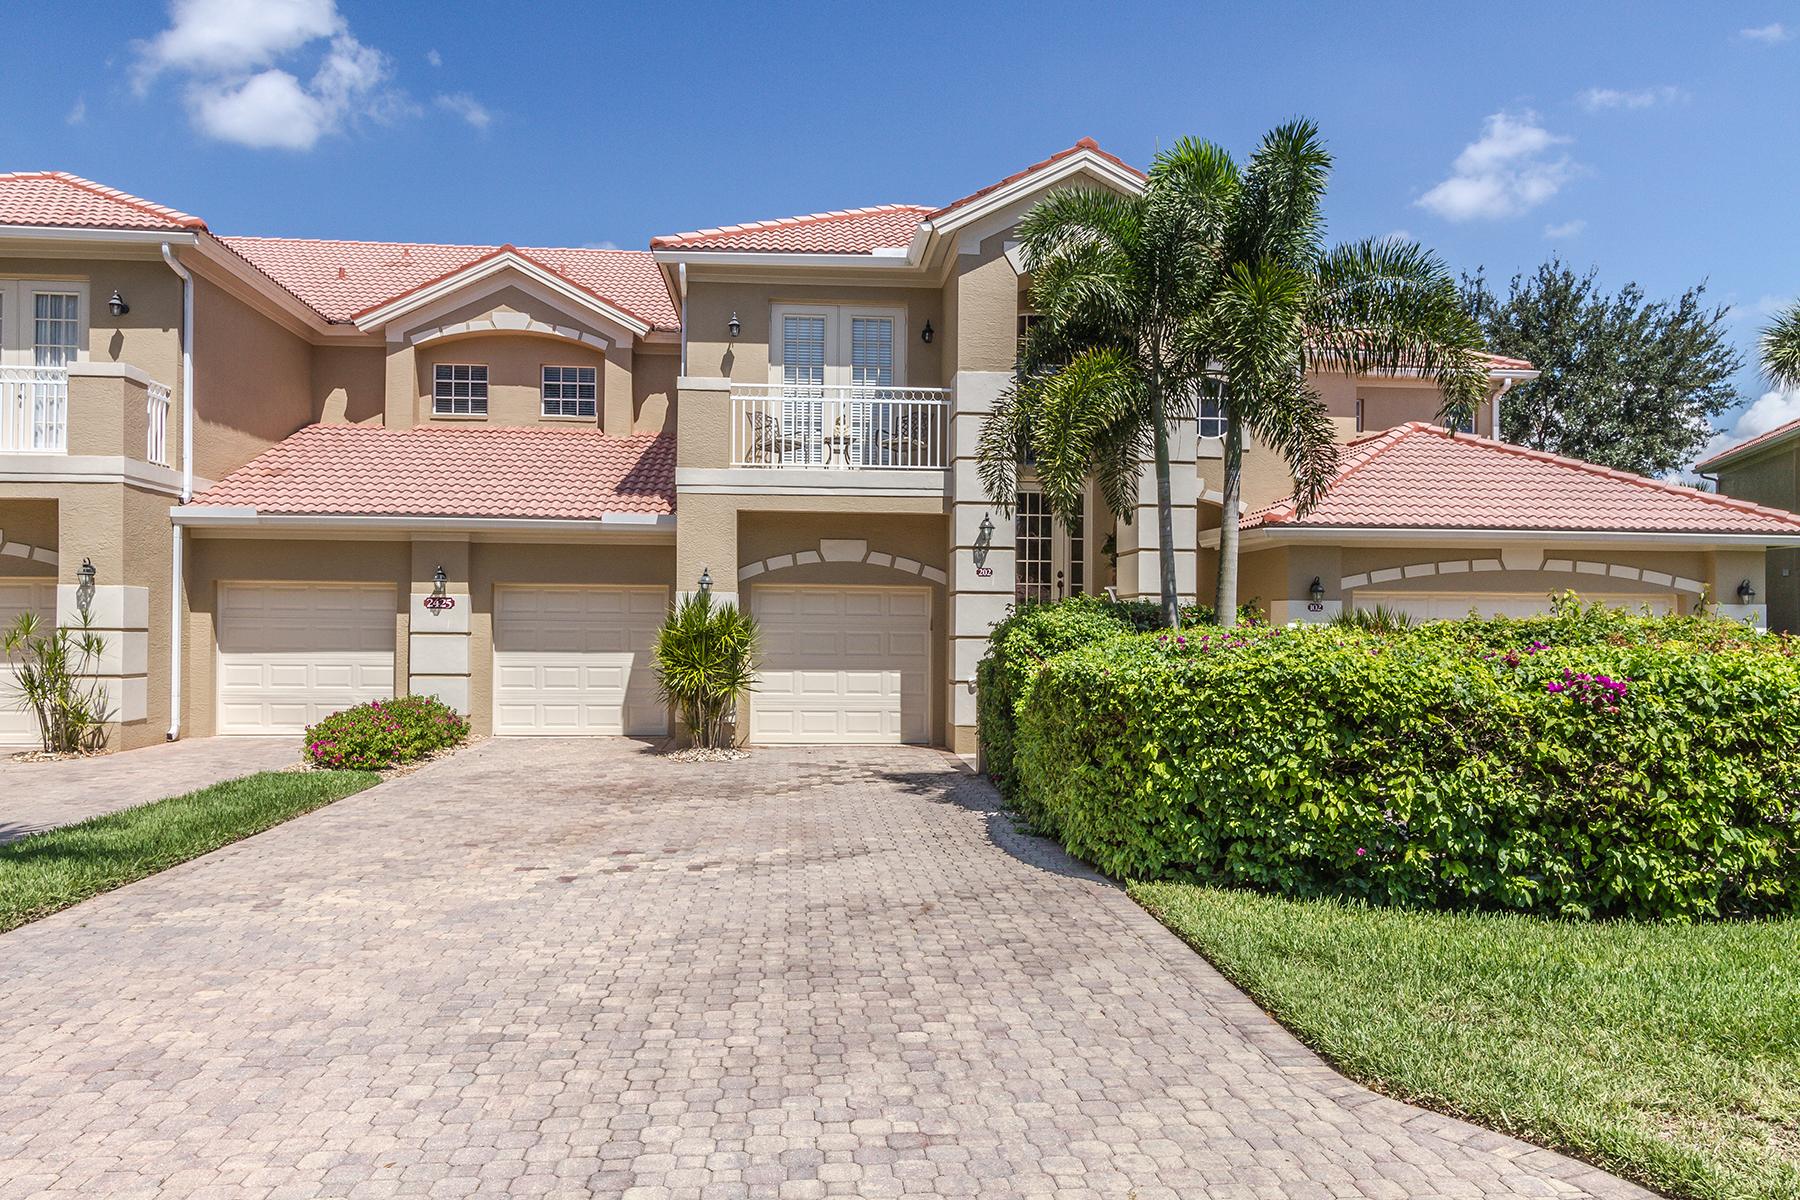 Condominium for Rent at PELICAN MARSH - MONT CLAIRE 2425 Mont Claire Ct 202, Naples, Florida 34109 United States